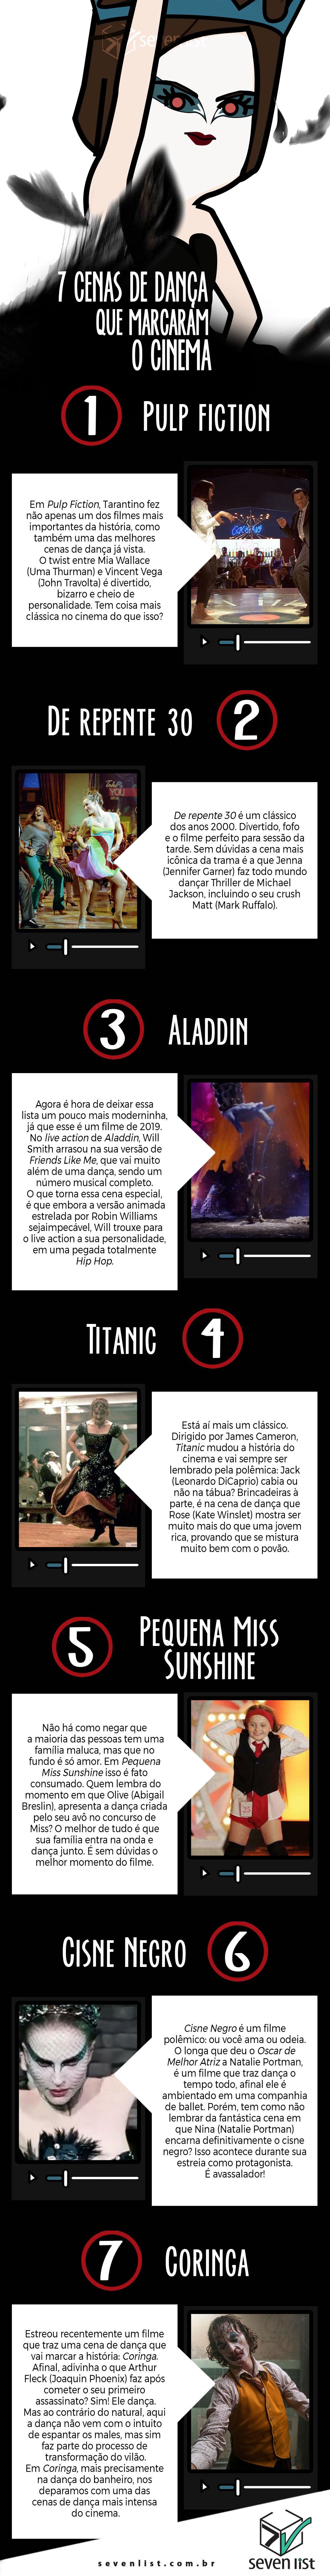 7 CENAS DE DANÇA QUE MARCARAM O CINEMA - SEVEN LIST